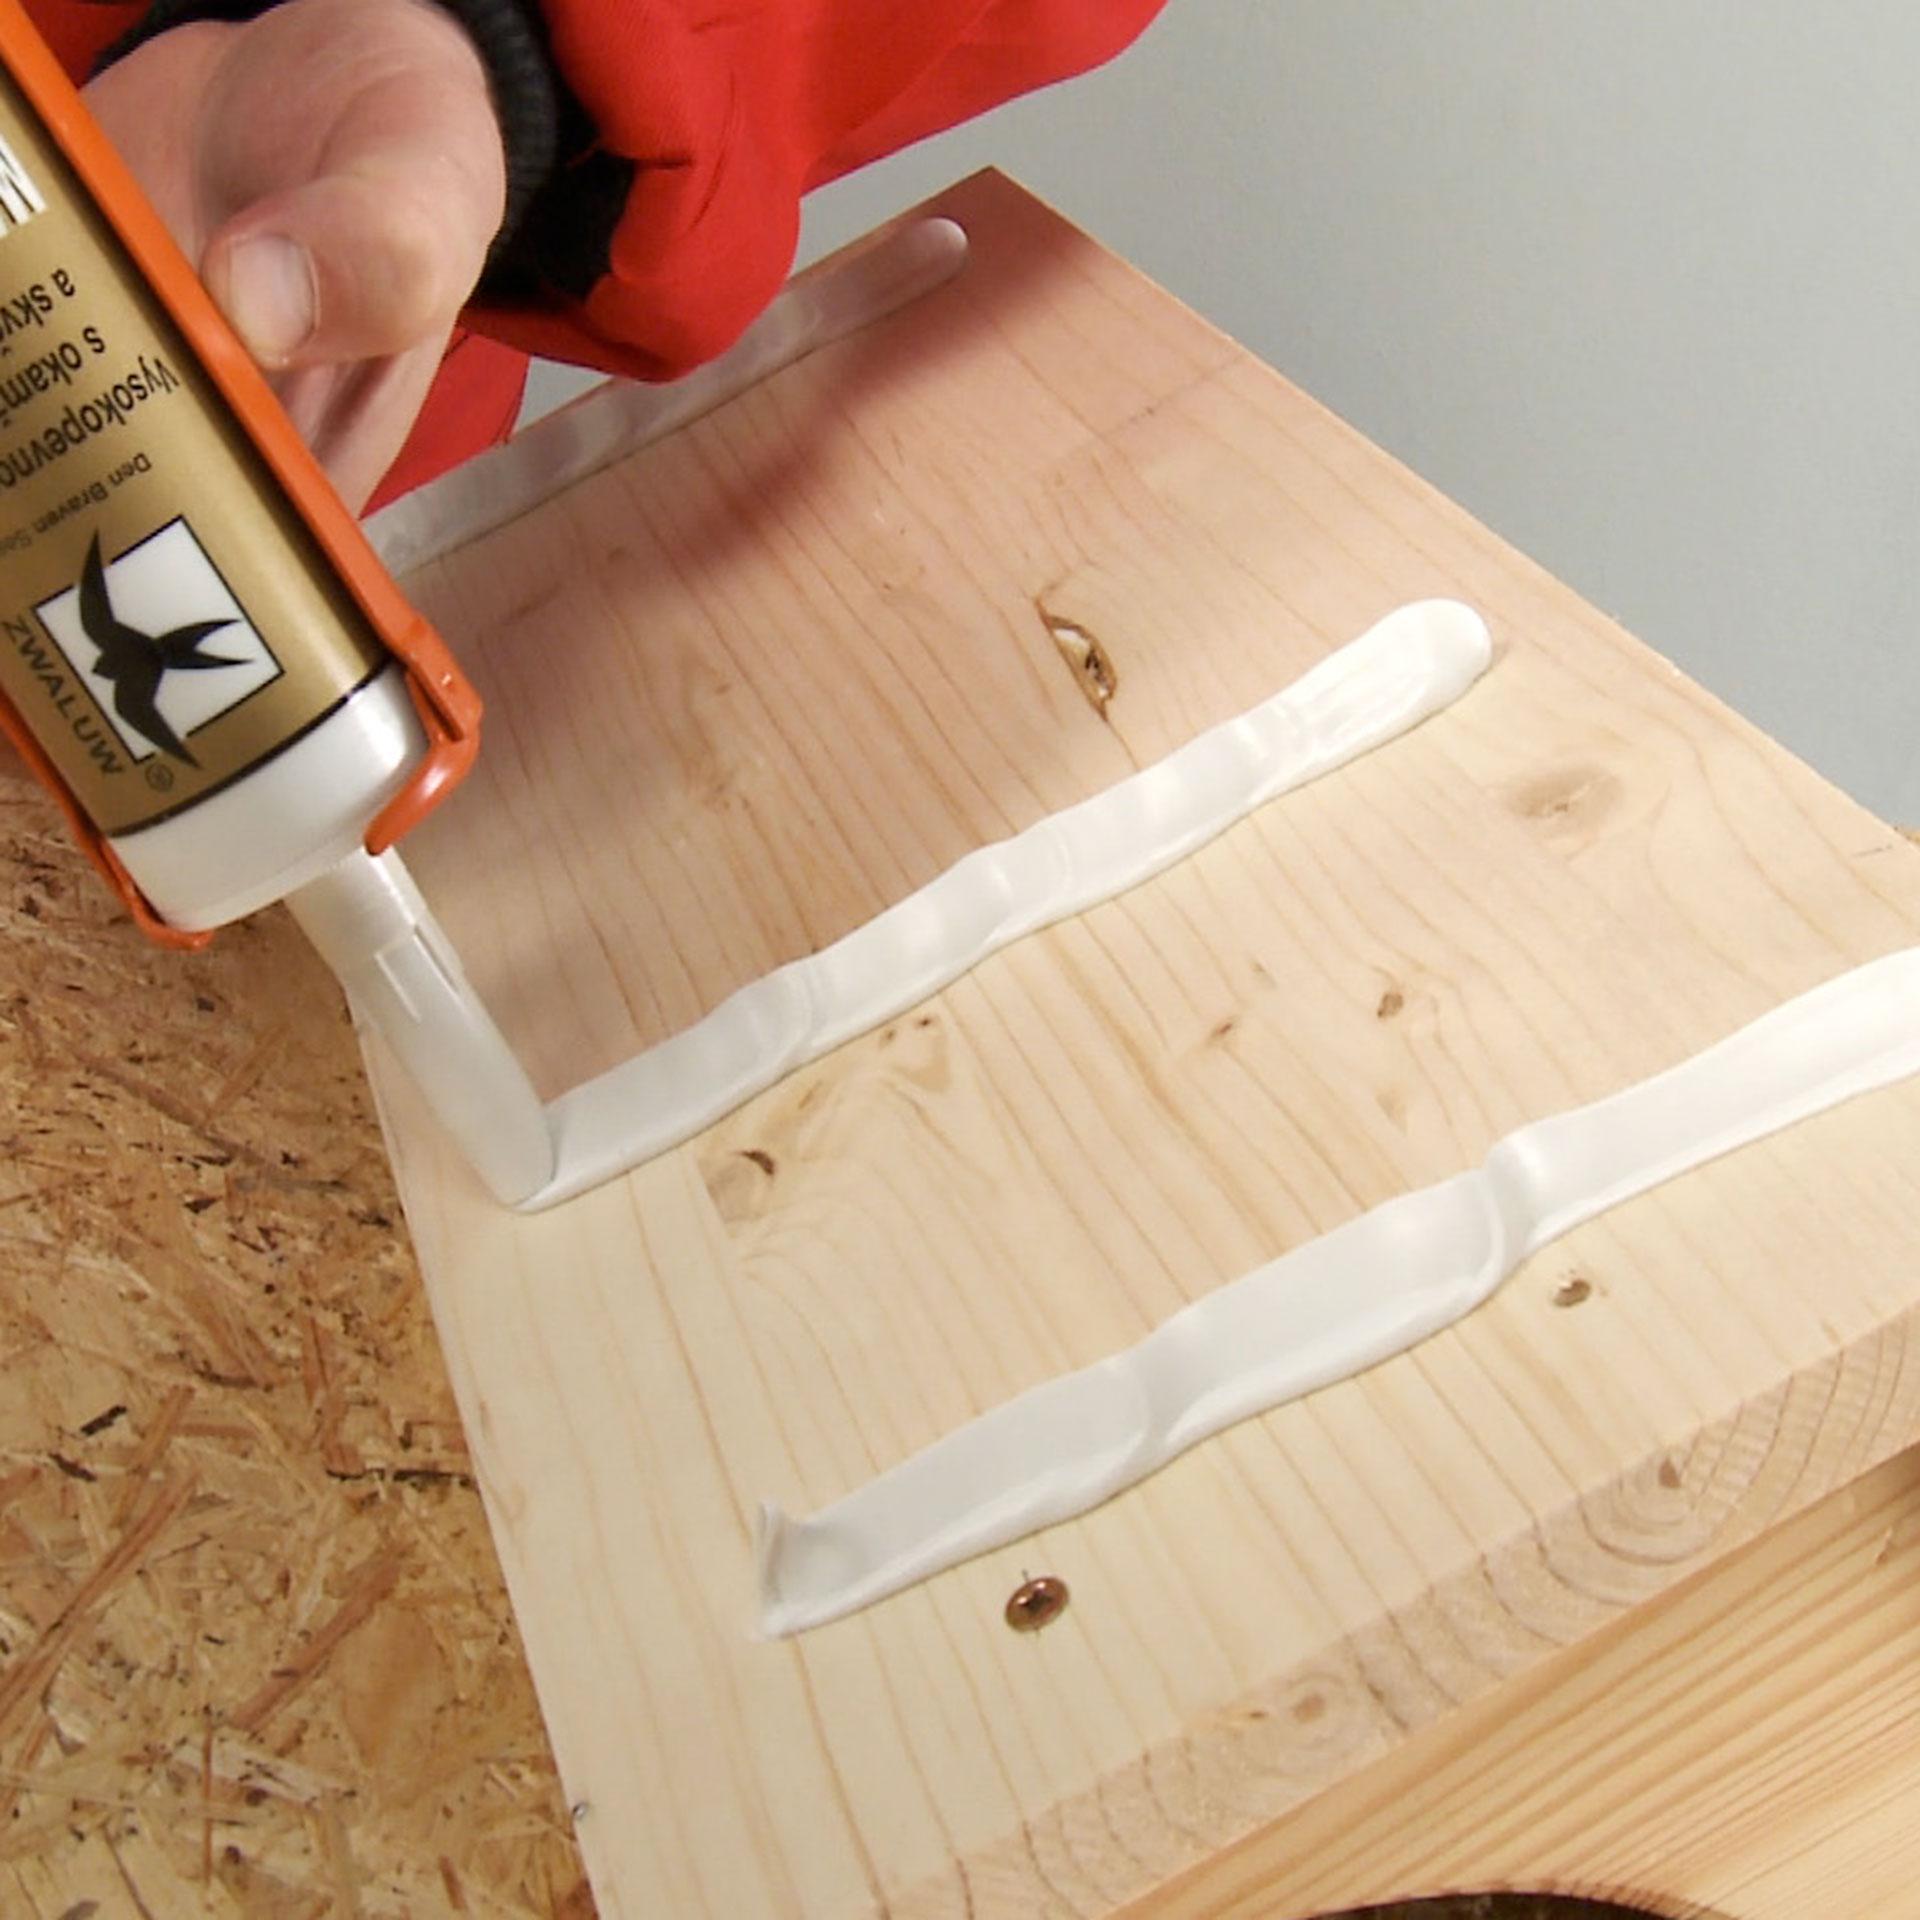 Bostik DIY Greece Grab Adhesives Mamut Glue High Tack Generic-3